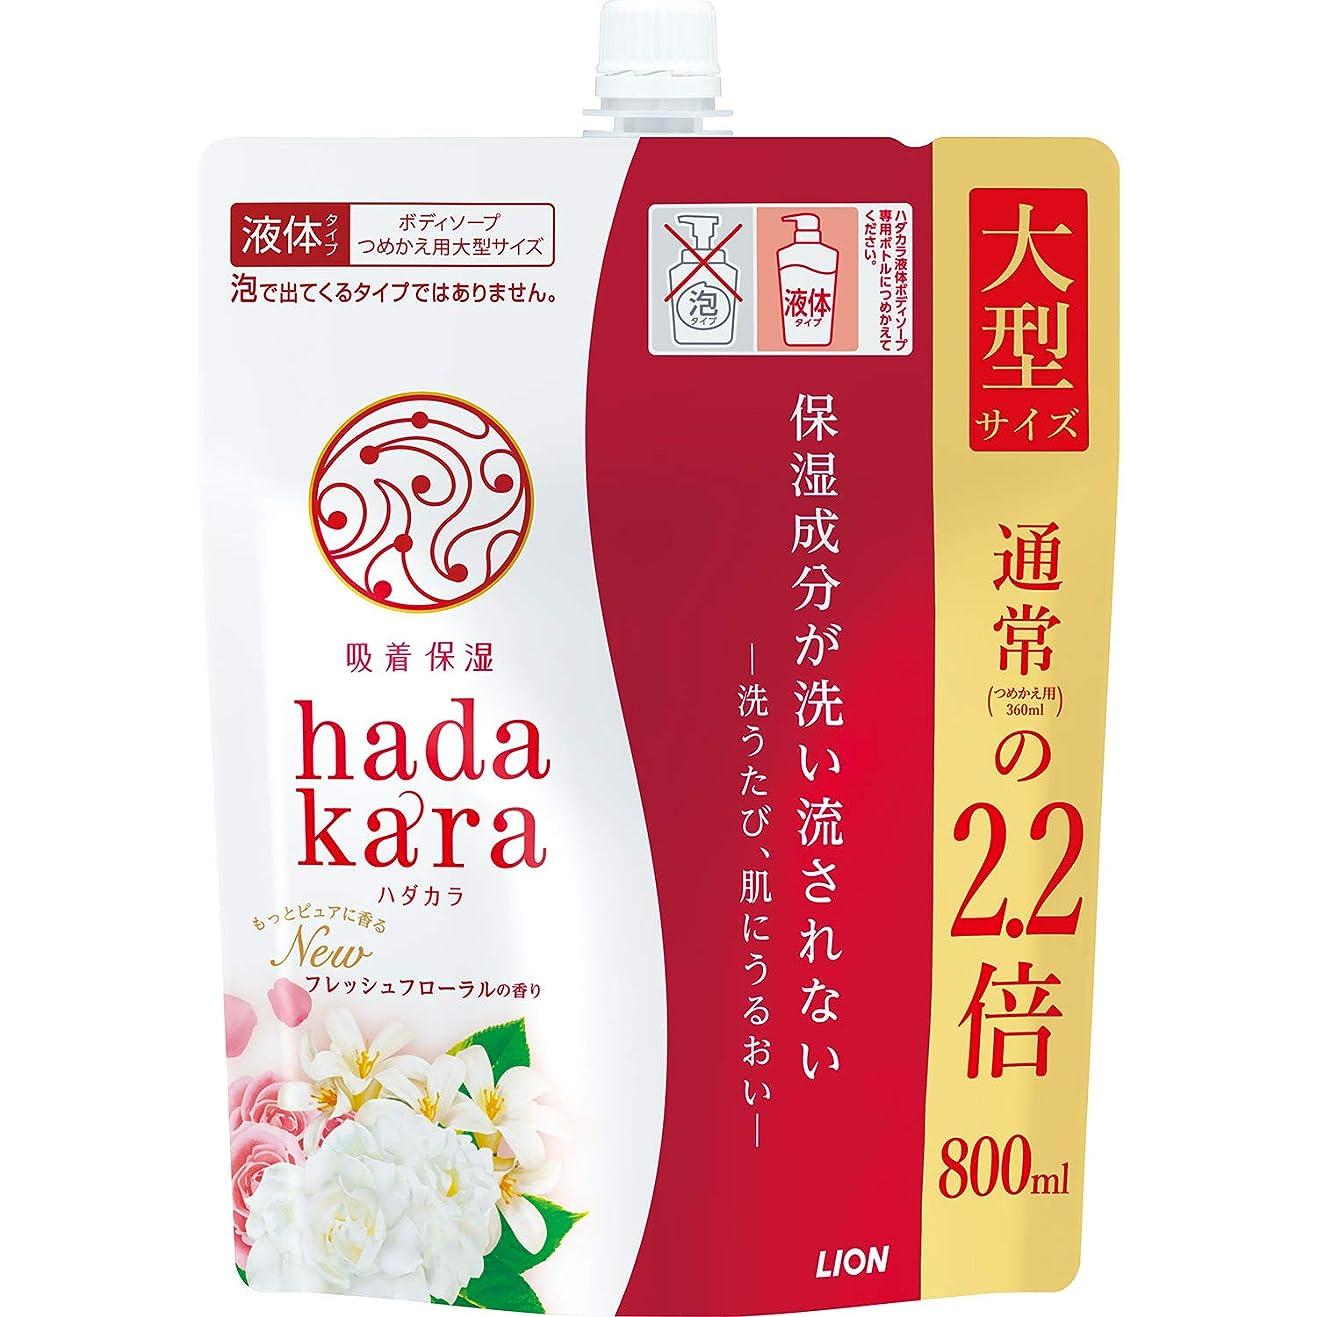 人物スコットランド人補助金hadakara(ハダカラ) ボディソープ フレッシュフローラルの香り つめかえ用大型サイズ 800ml